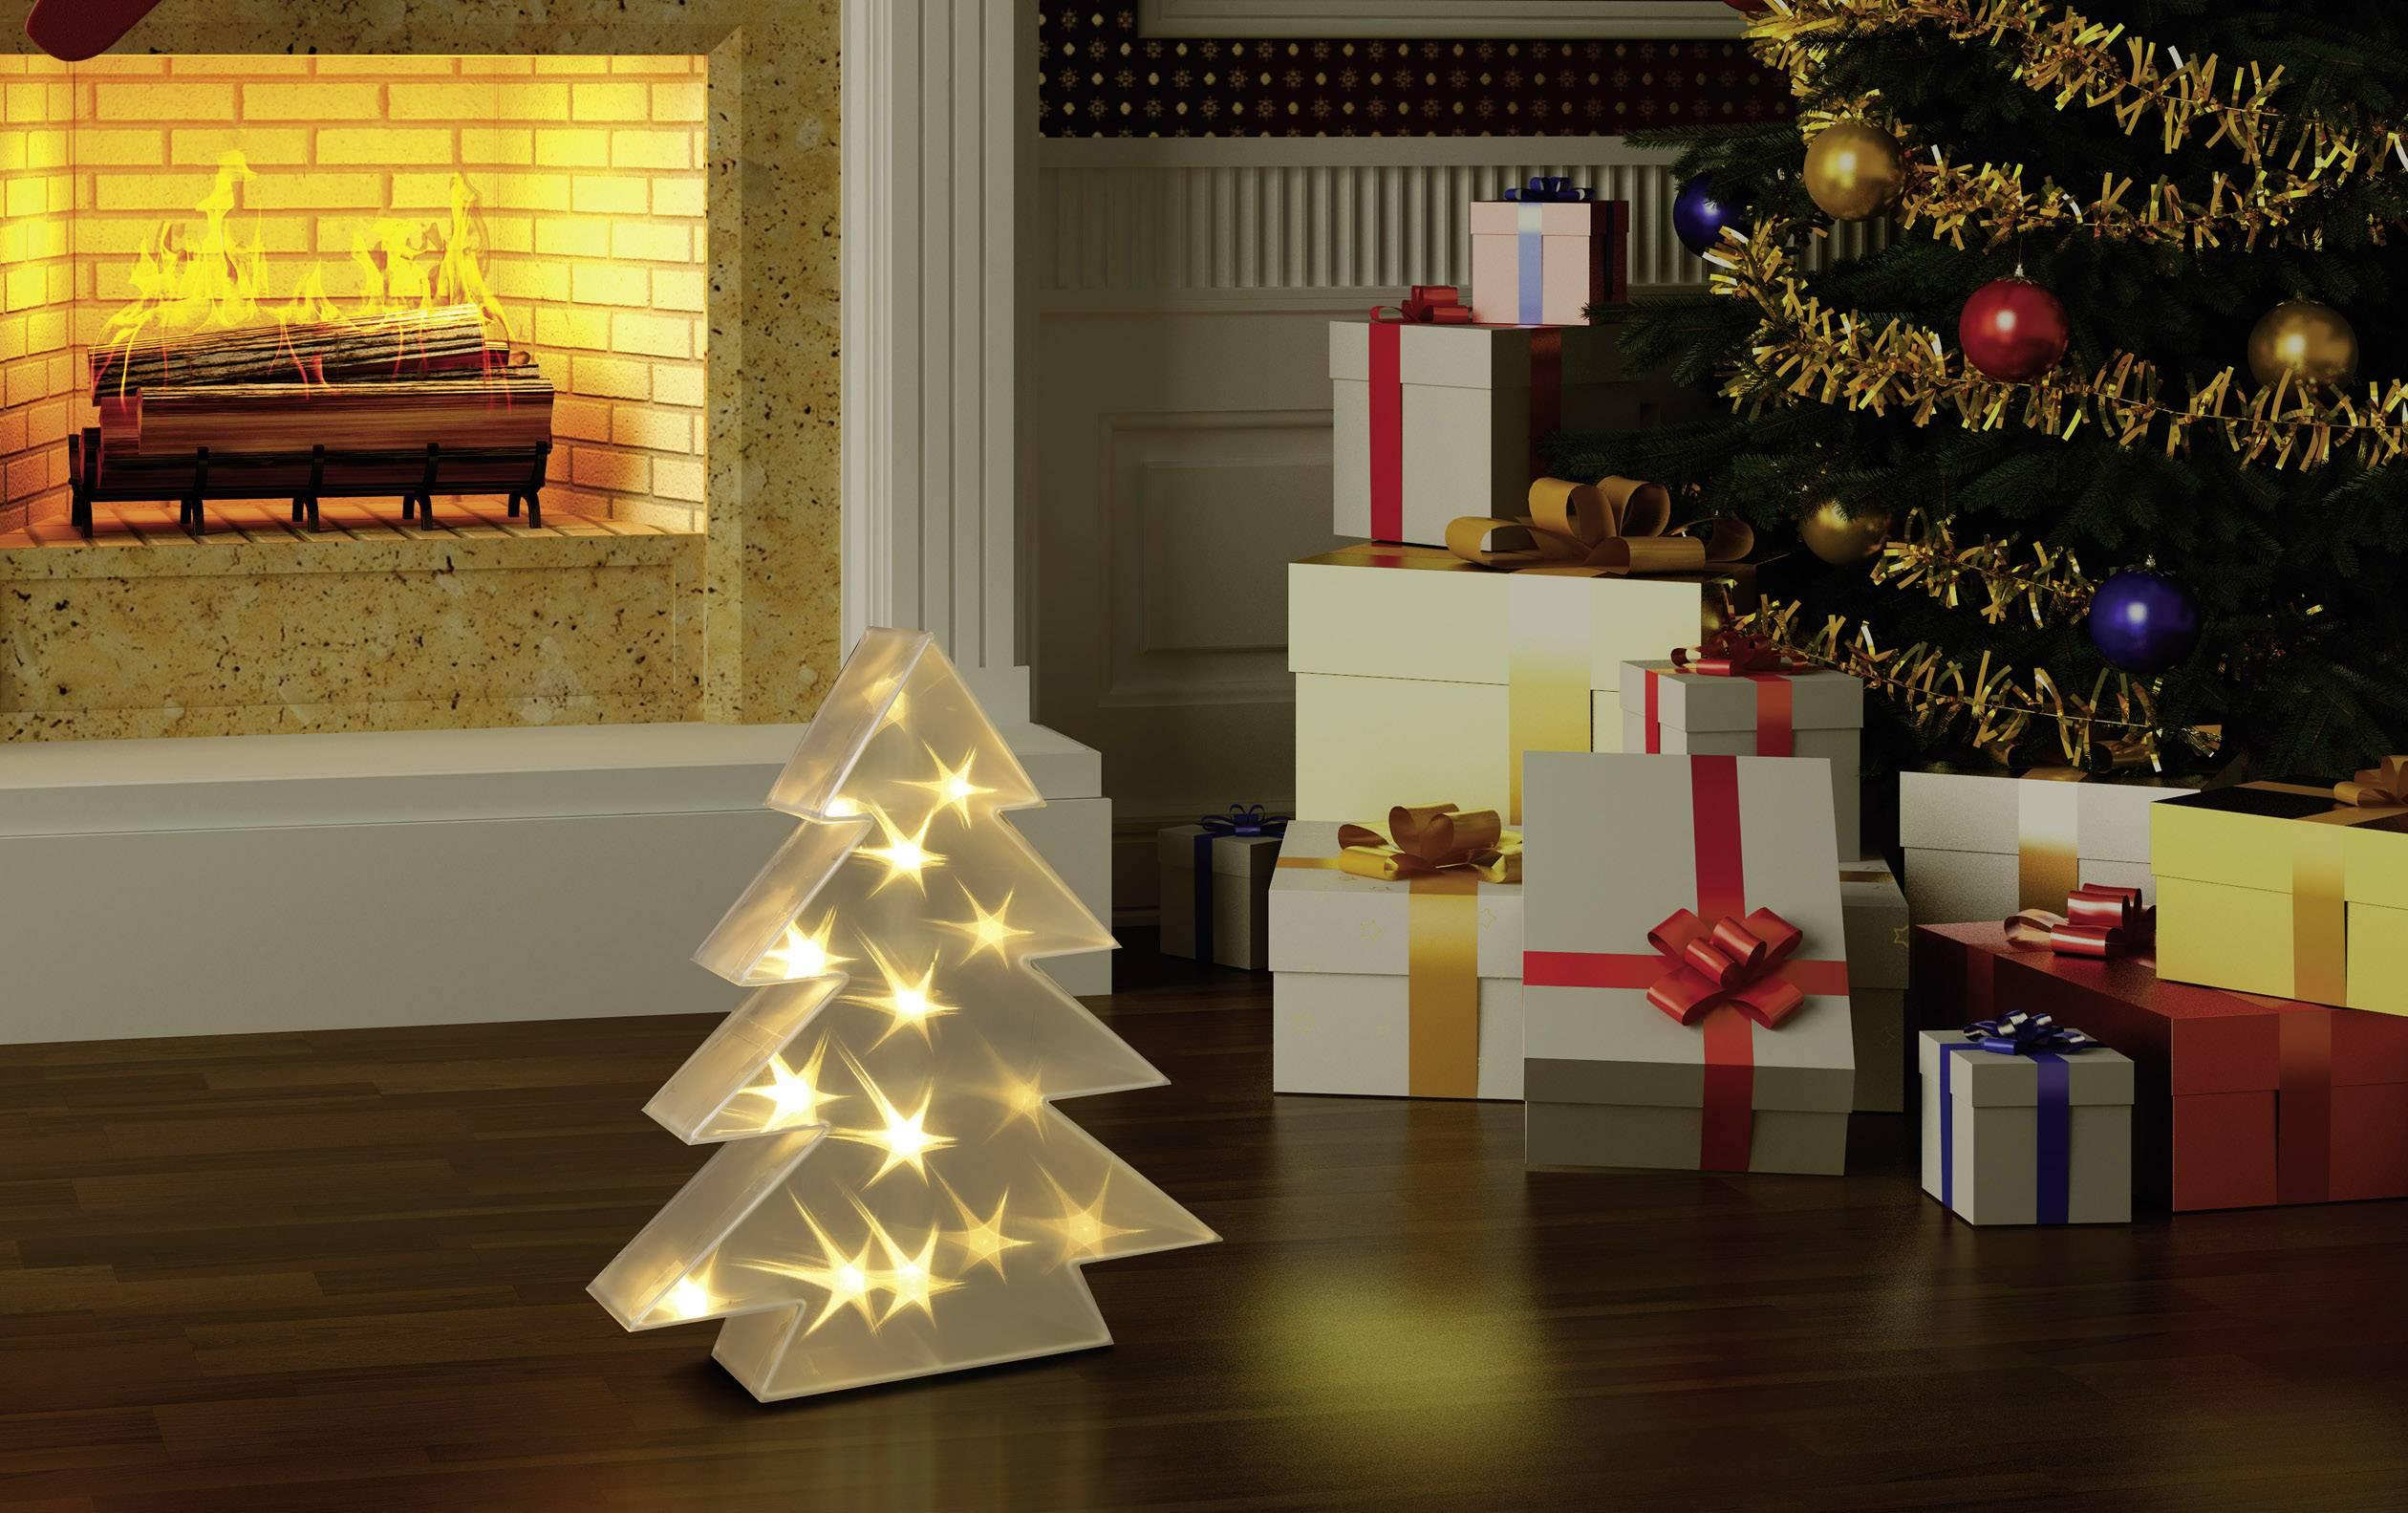 Albero Di Natale Bianco.Polarlite Lde 04 001 Decorazione Di Natale Led Albero Di Natale Bianco Caldo Led Trasparente